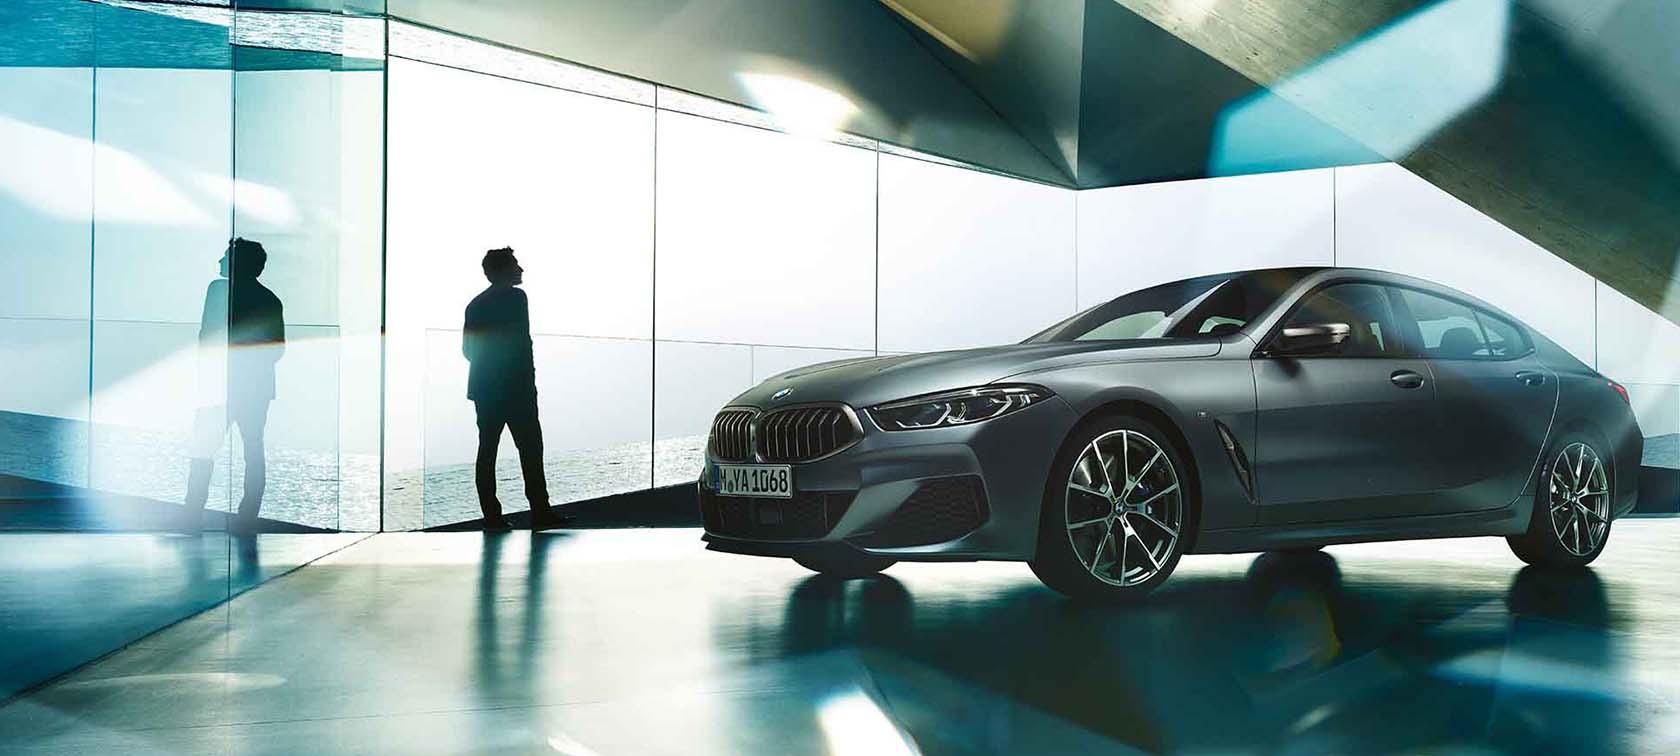 THE BMW 8 Series GRAN COUPÉ